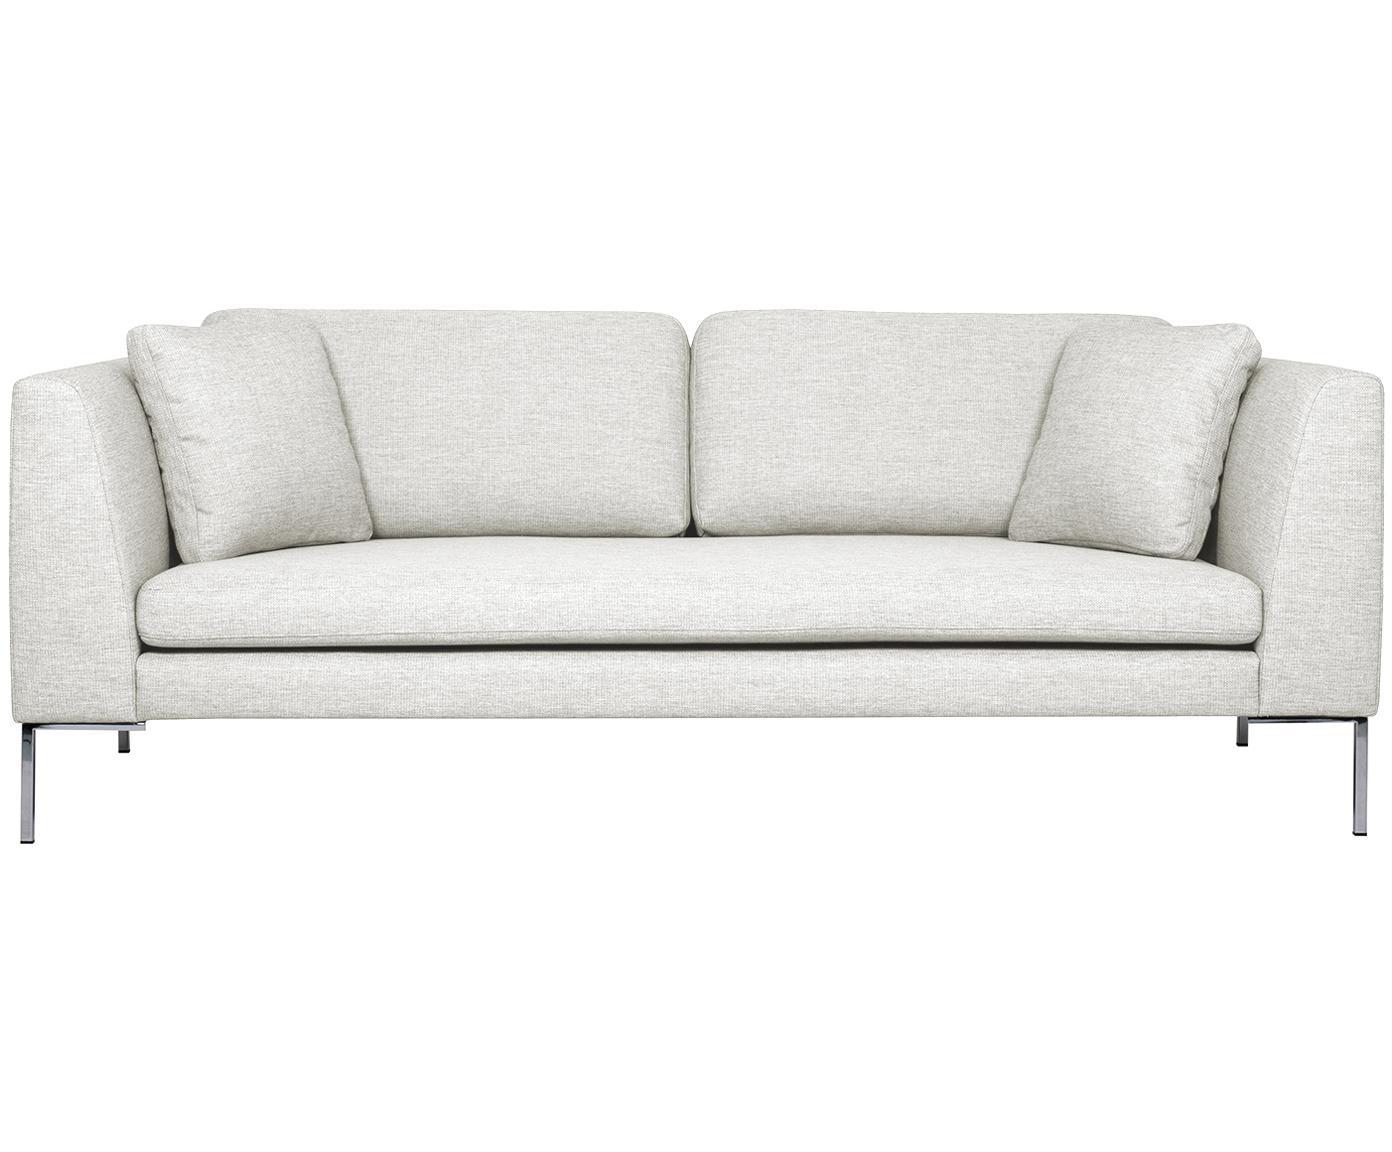 Sofa Emma (3-Sitzer), Bezug: Polyester 100.000 Scheuer, Gestell: Massives Kiefernholz, Füße: Metall, galvanisiert, Webstoff Cremeweiß, Füße Silber, B 227 x T 100 cm